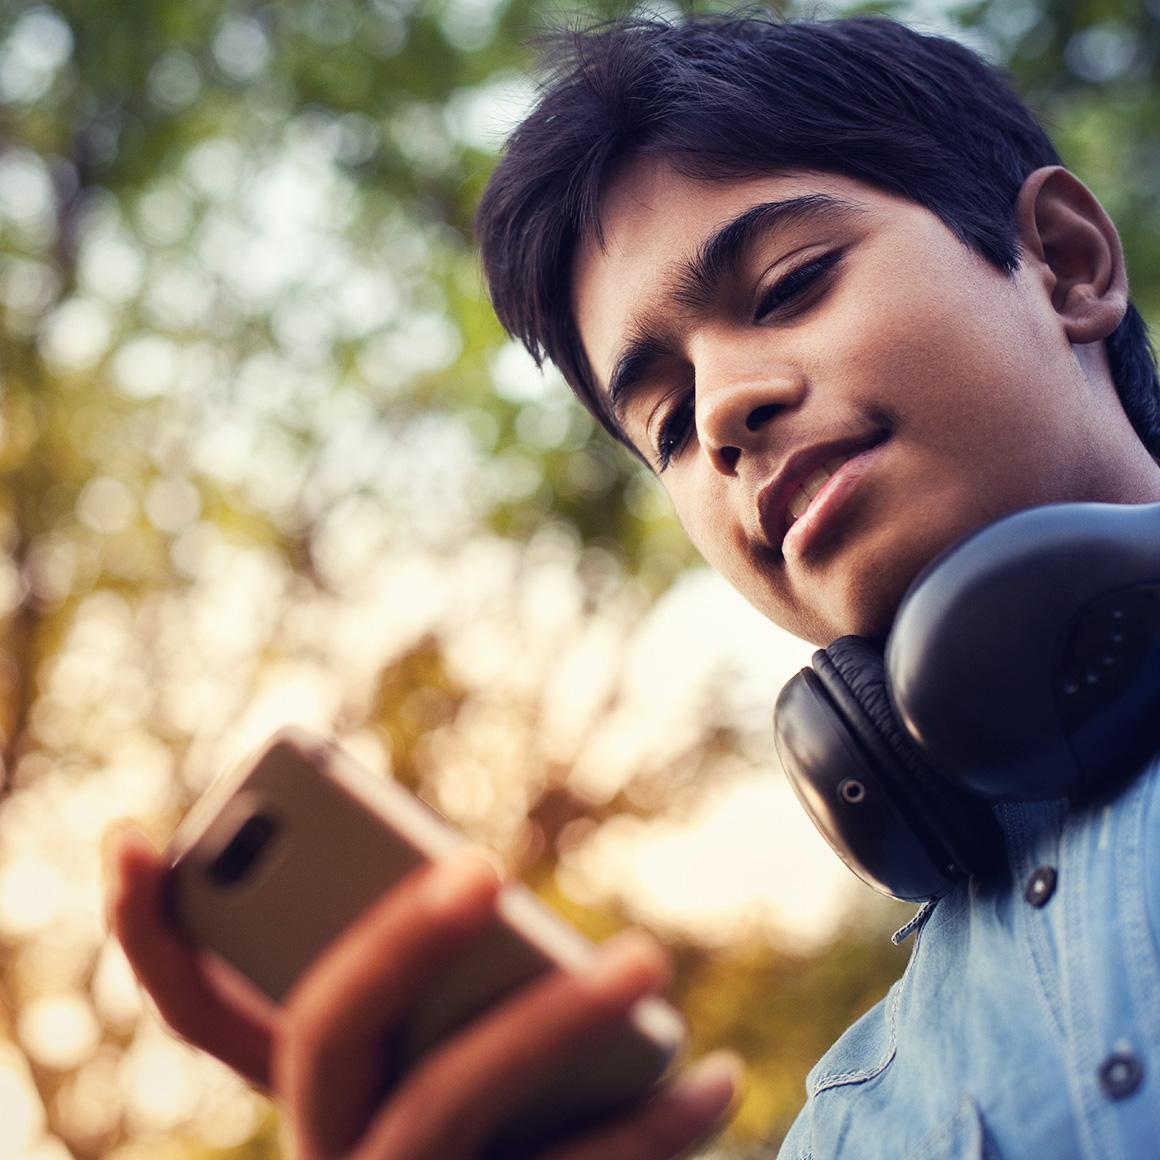 Boy wearing headphones looking at phone